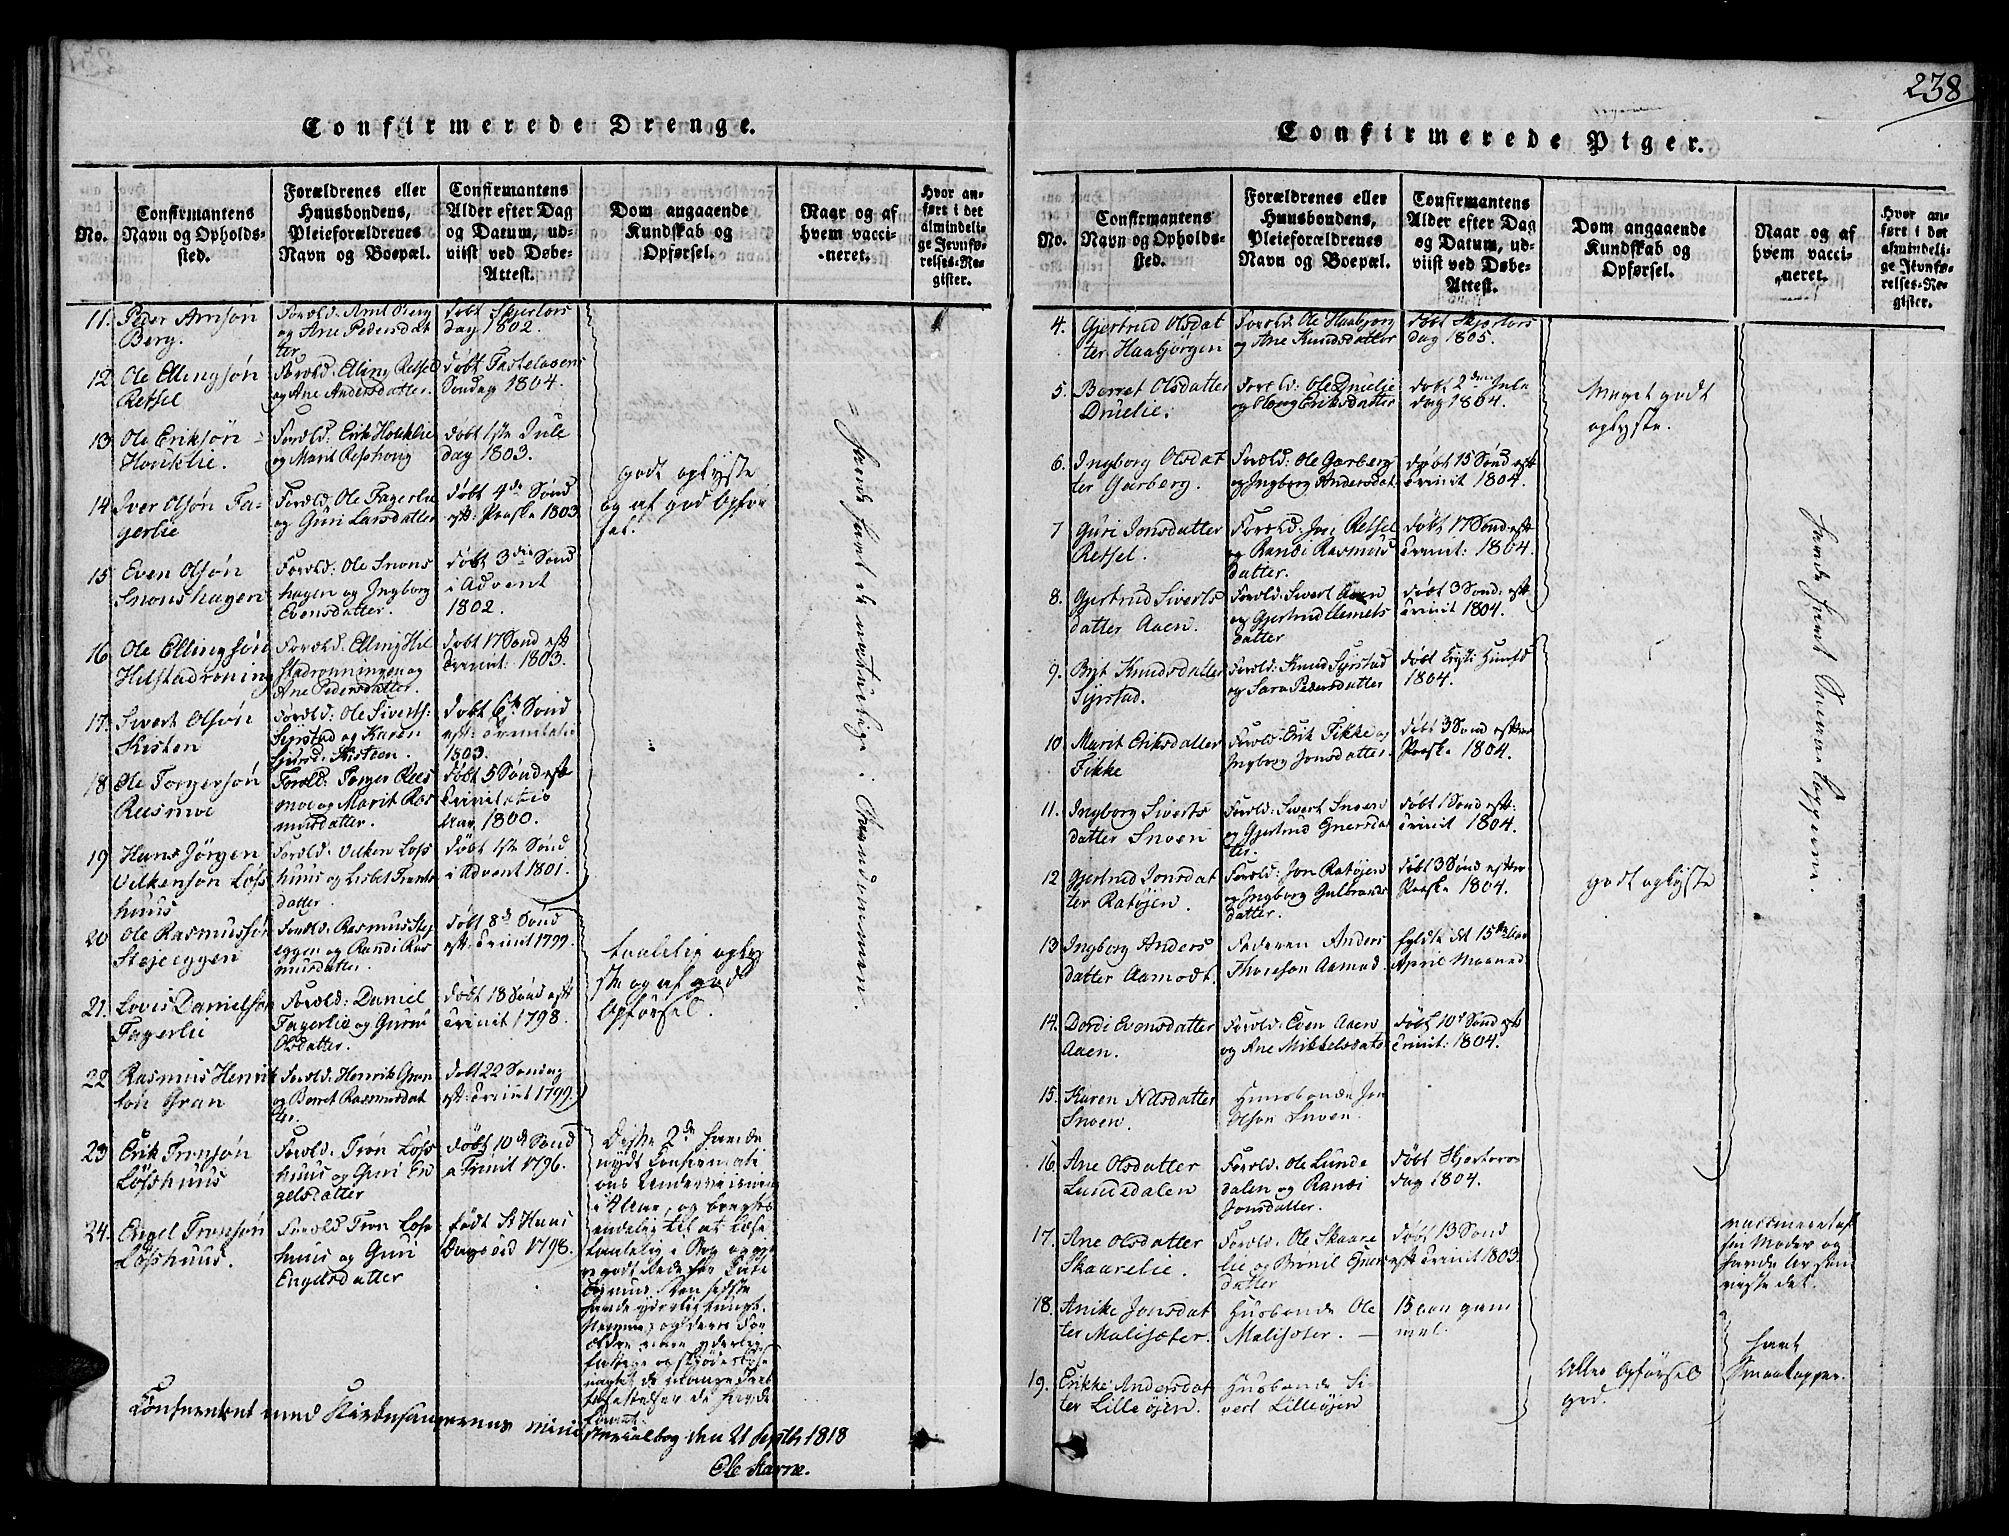 SAT, Ministerialprotokoller, klokkerbøker og fødselsregistre - Sør-Trøndelag, 672/L0853: Ministerialbok nr. 672A06 /1, 1816-1829, s. 238